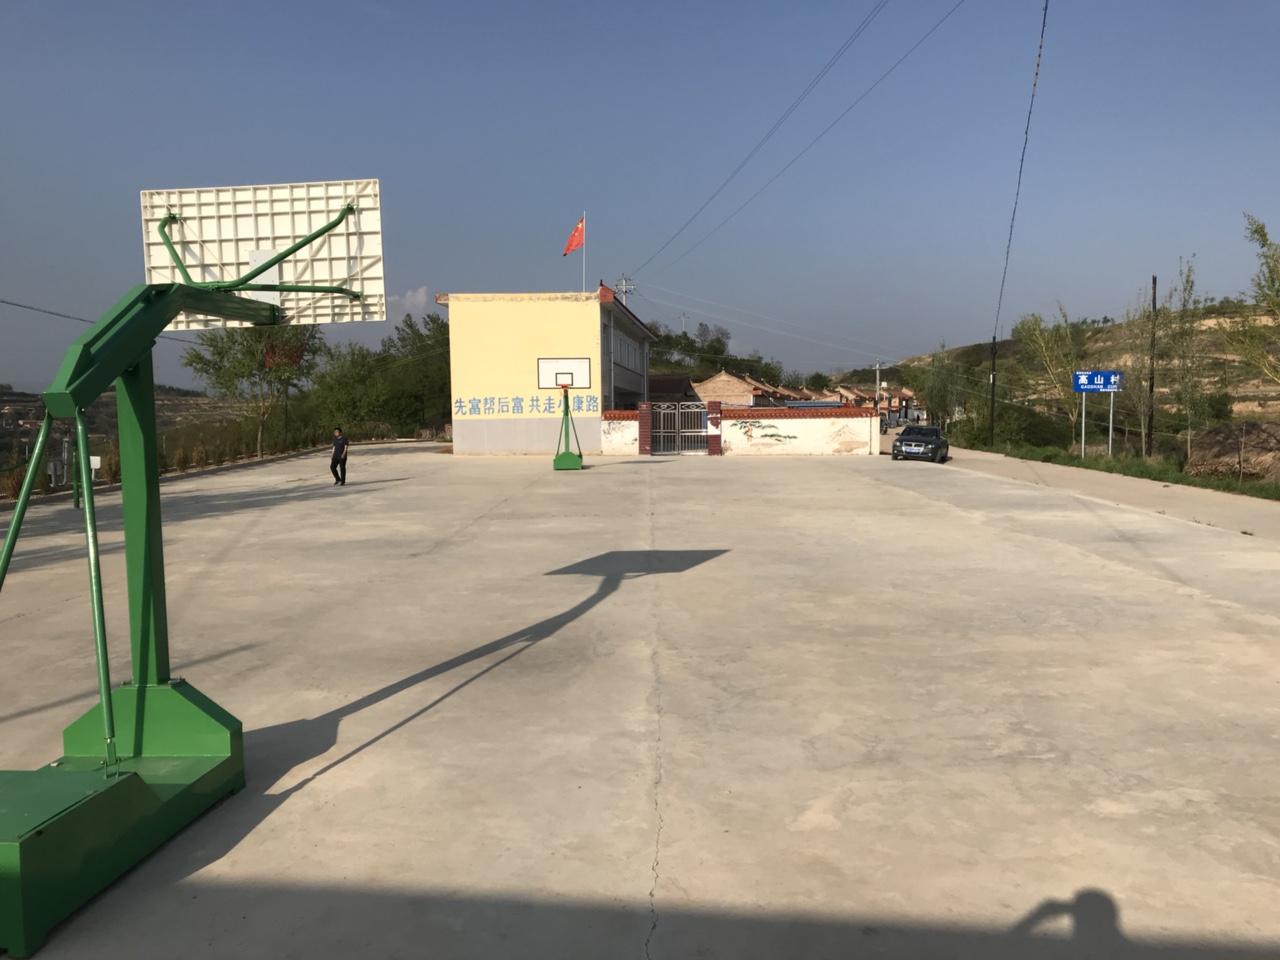 【文化惠民】木河乡高山村综合文化服务中心风采